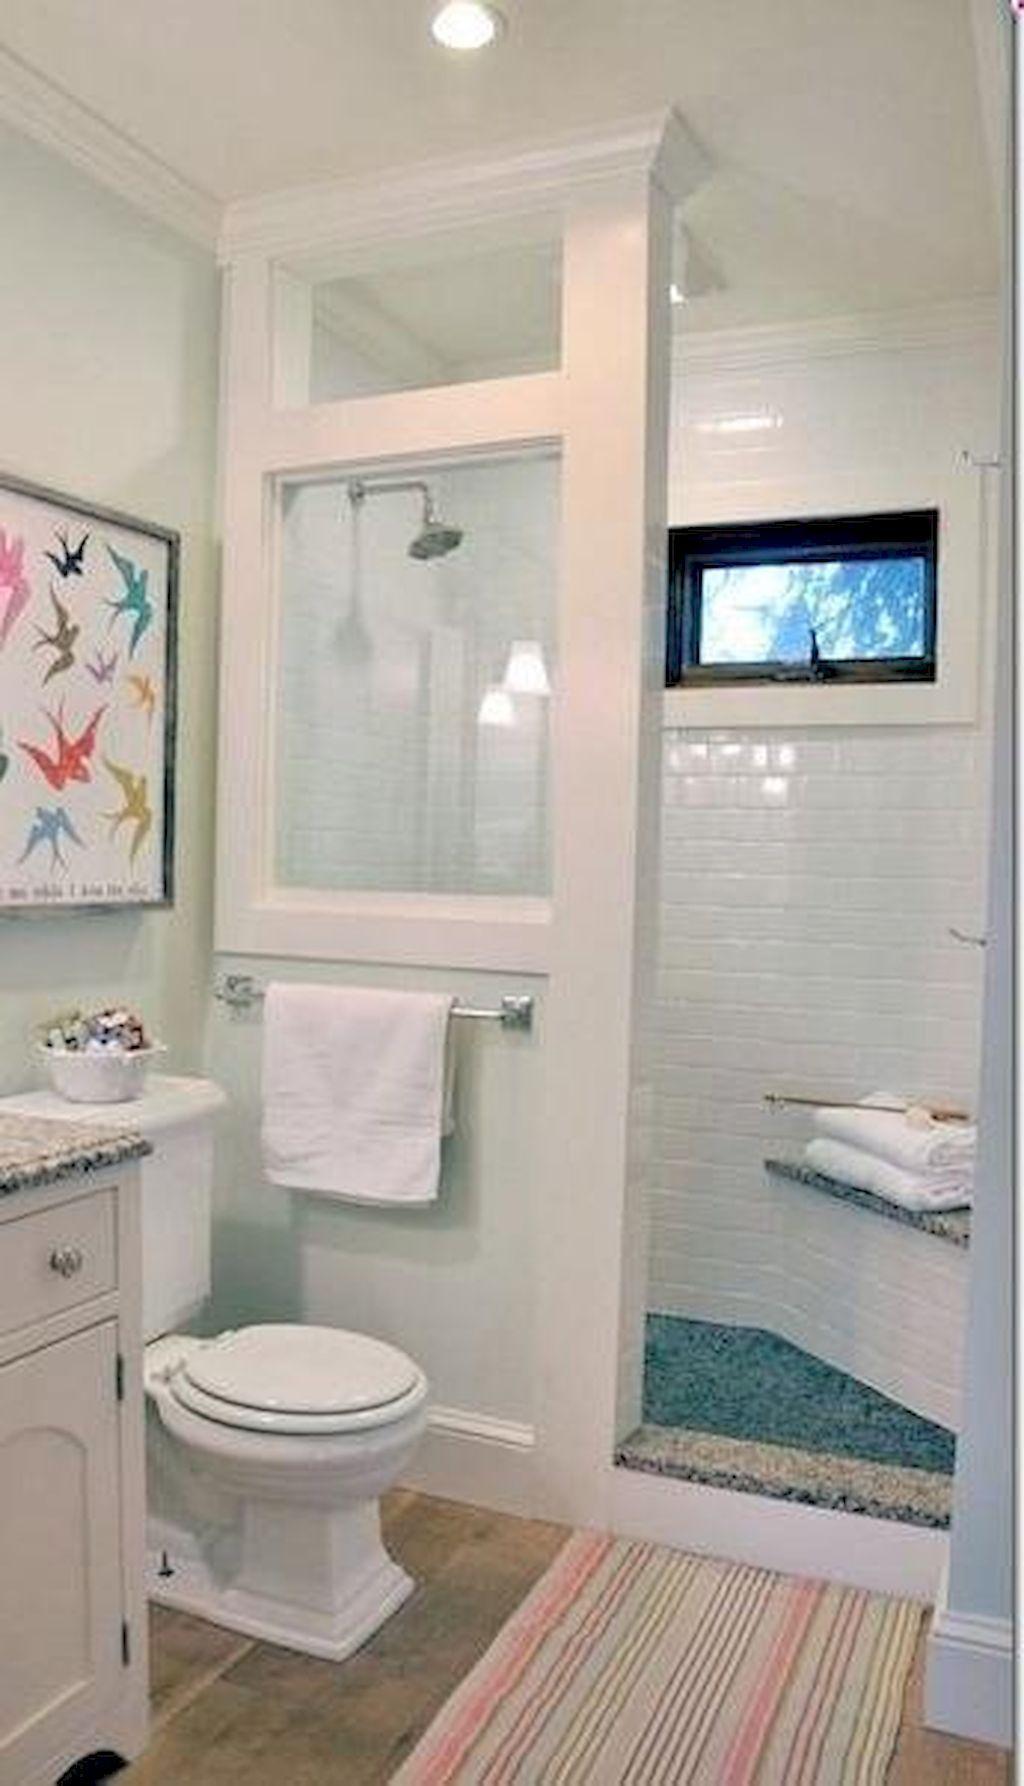 Bath under window ideas  awesome  insane farmhouse bathroom remodel ideas homekover